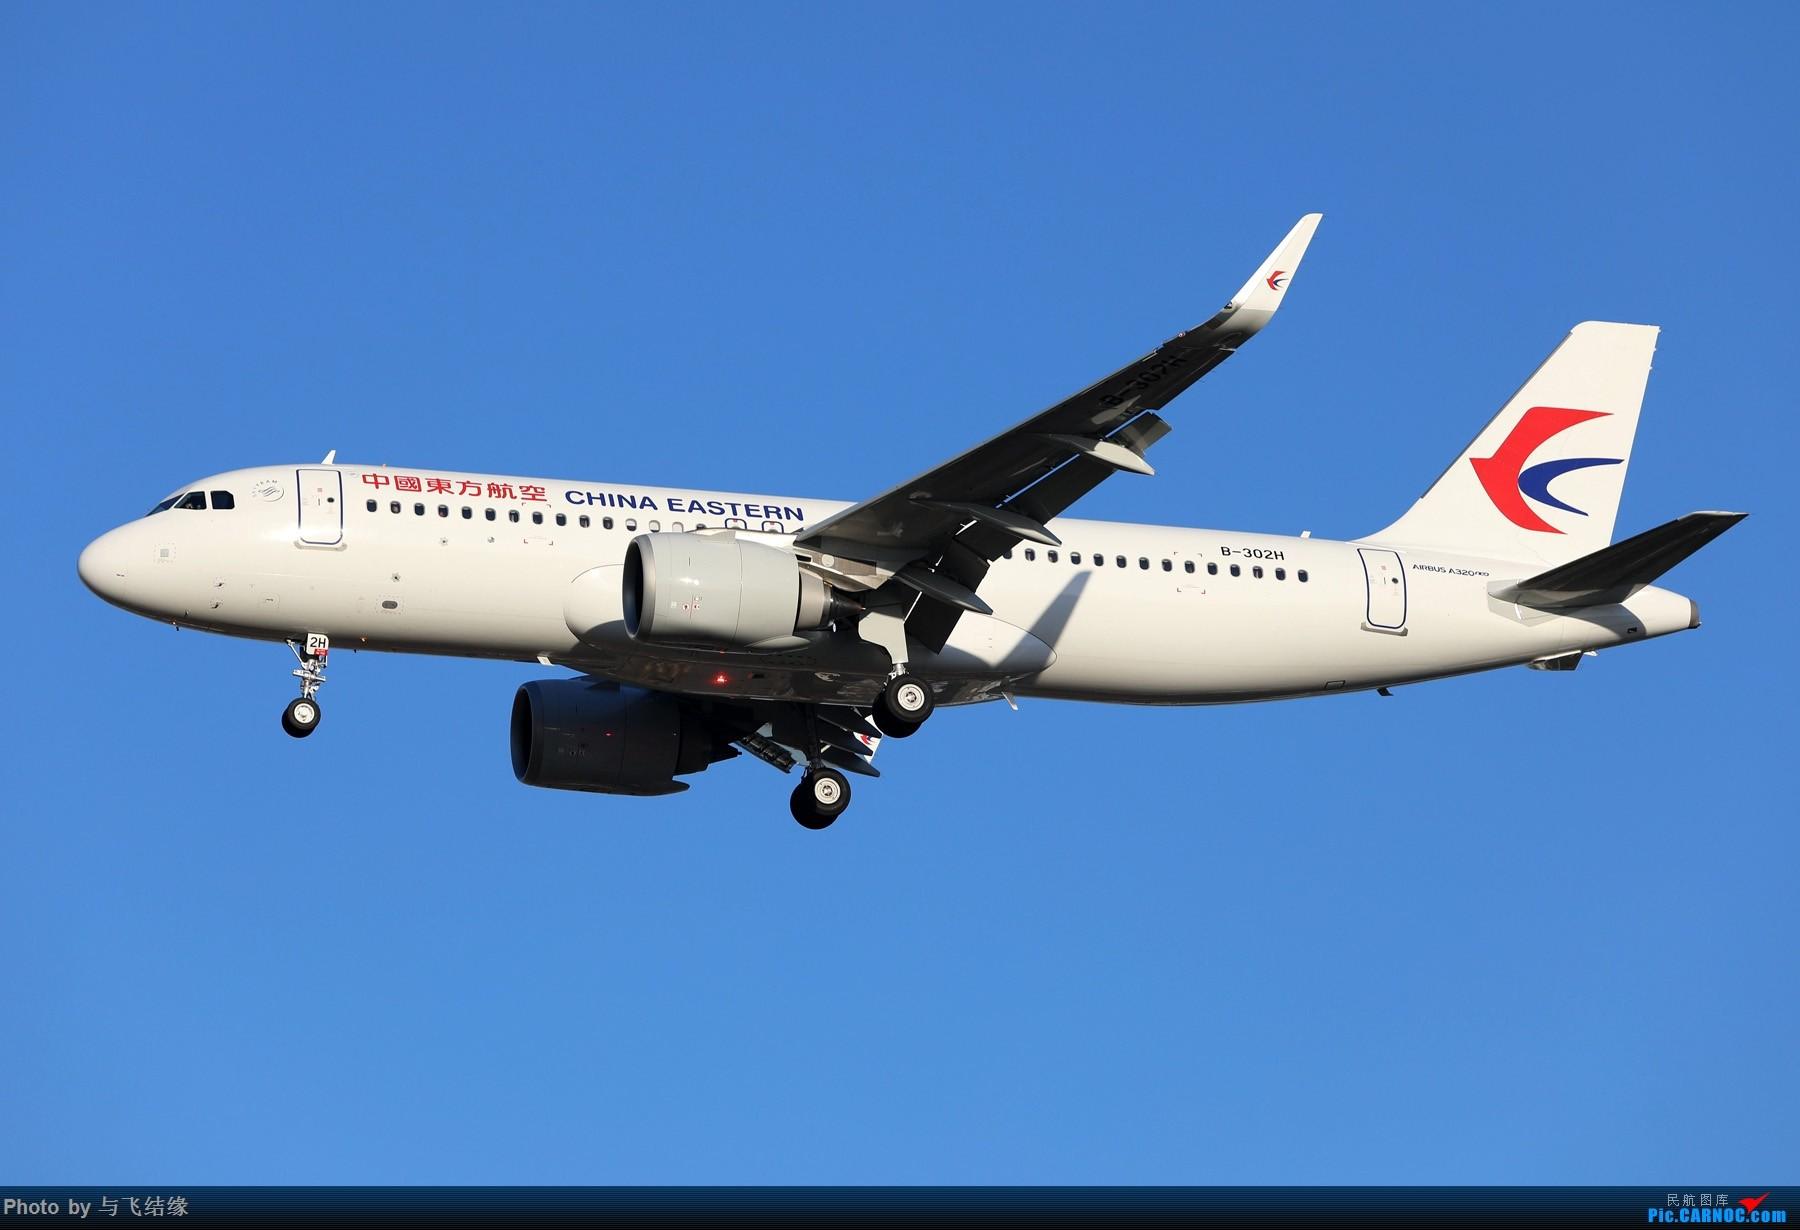 [原创]东航airbus a320neo靓照一组。 AIRBUS A320NEO B-302H 中国北京首都国际机场